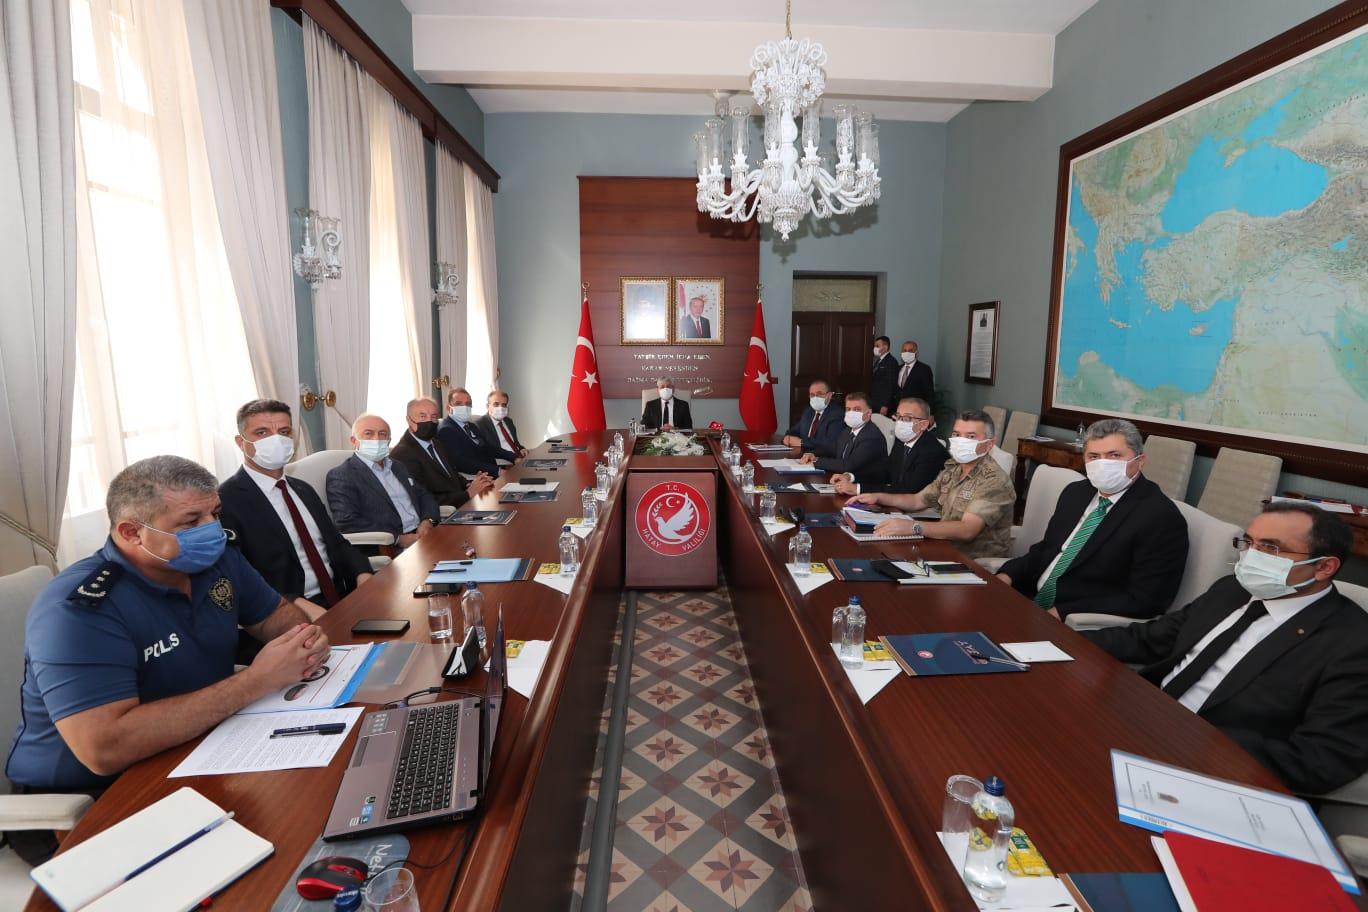 Vali Doğan Başkanlığında, Üniversite Güvenlik ve Koordinasyon Toplantısı Yapıldı